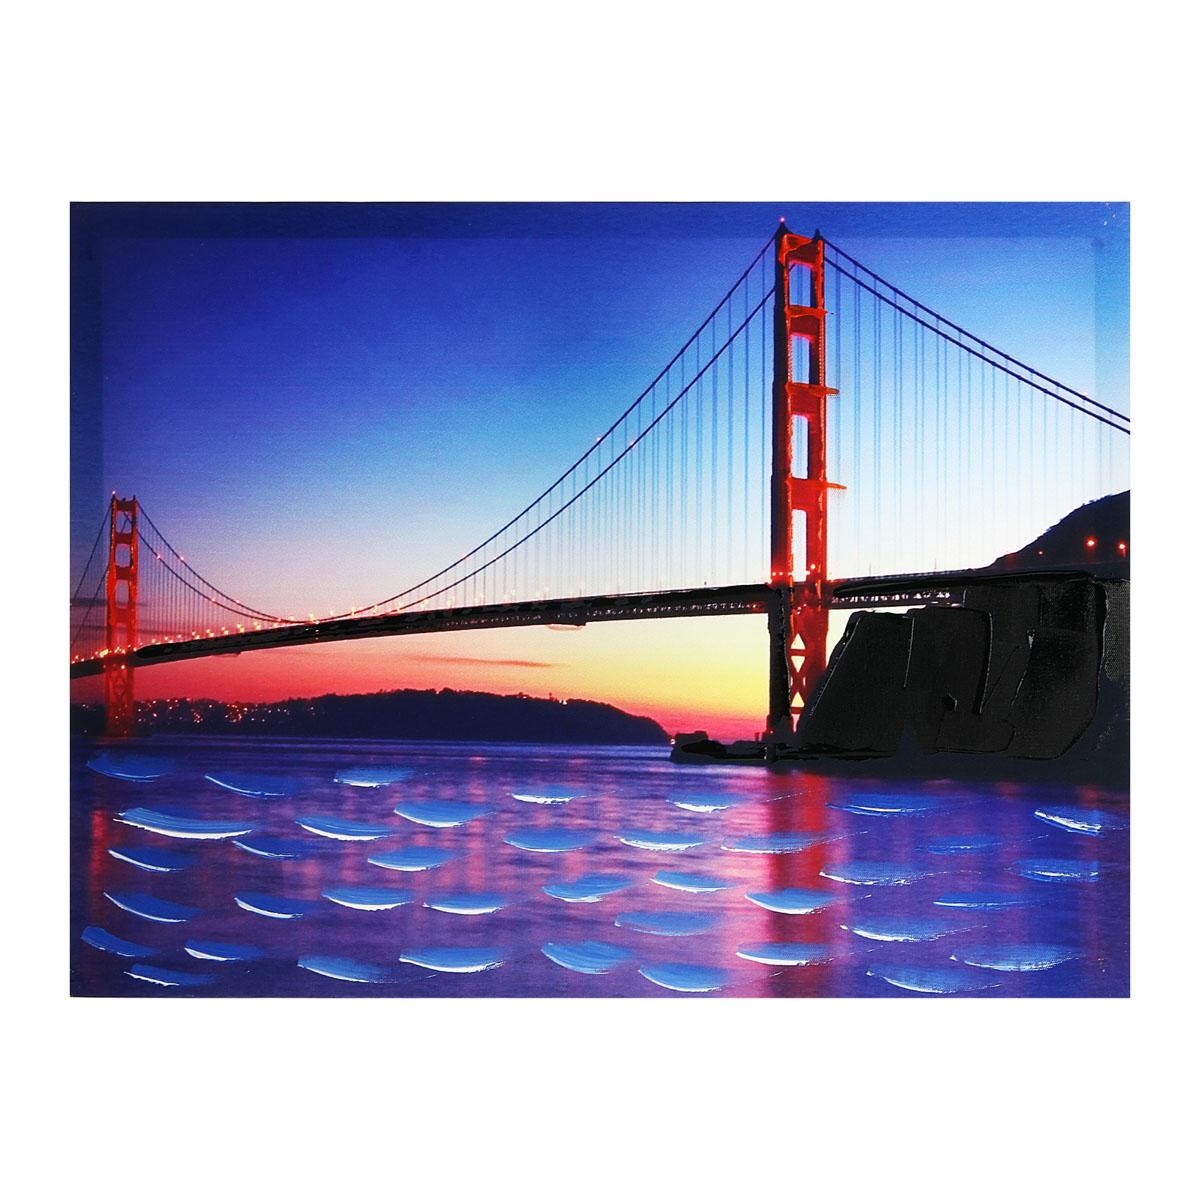 Картина на холсте Sima-land Мост на закате, 30 см х 40 см296649Цветовая гамма и интерьер влияют на настроение каждого, именно поэтому так важны детали, которые нас окружают. Знатоки интерьерных решений стараются применять самые разнообразные решения при художественном оформлении внутреннего пространства и использовать все возможные материалы. Картина на холсте Sima-land Мост на закате - это хорошее решение для интерьера по выгодной цене.